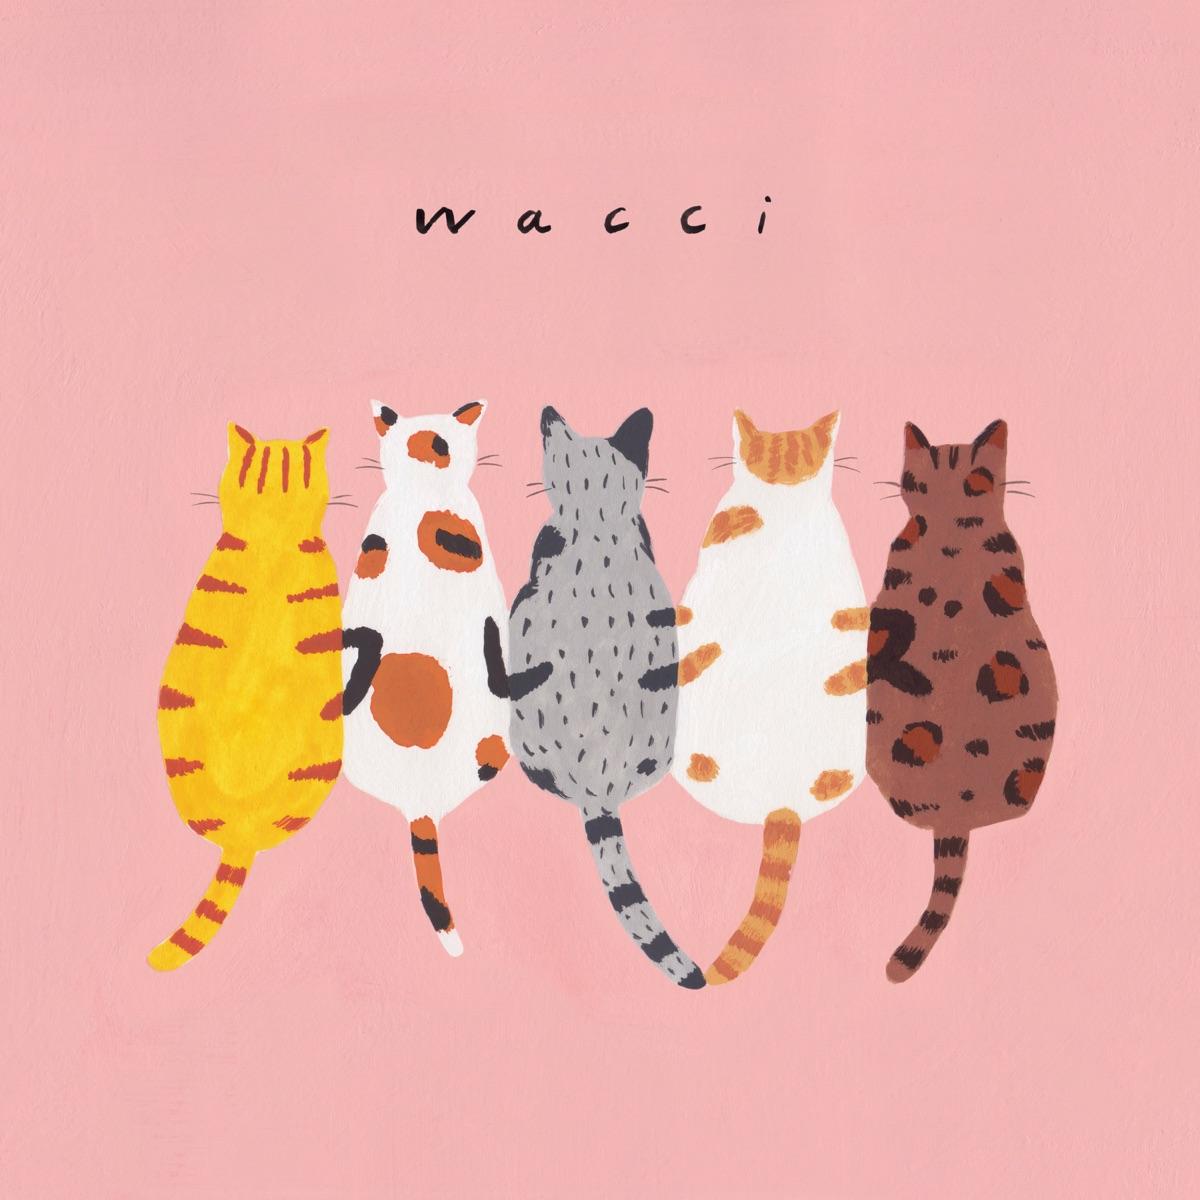 『wacci - 歌にするから』収録の『フレンズ』ジャケット